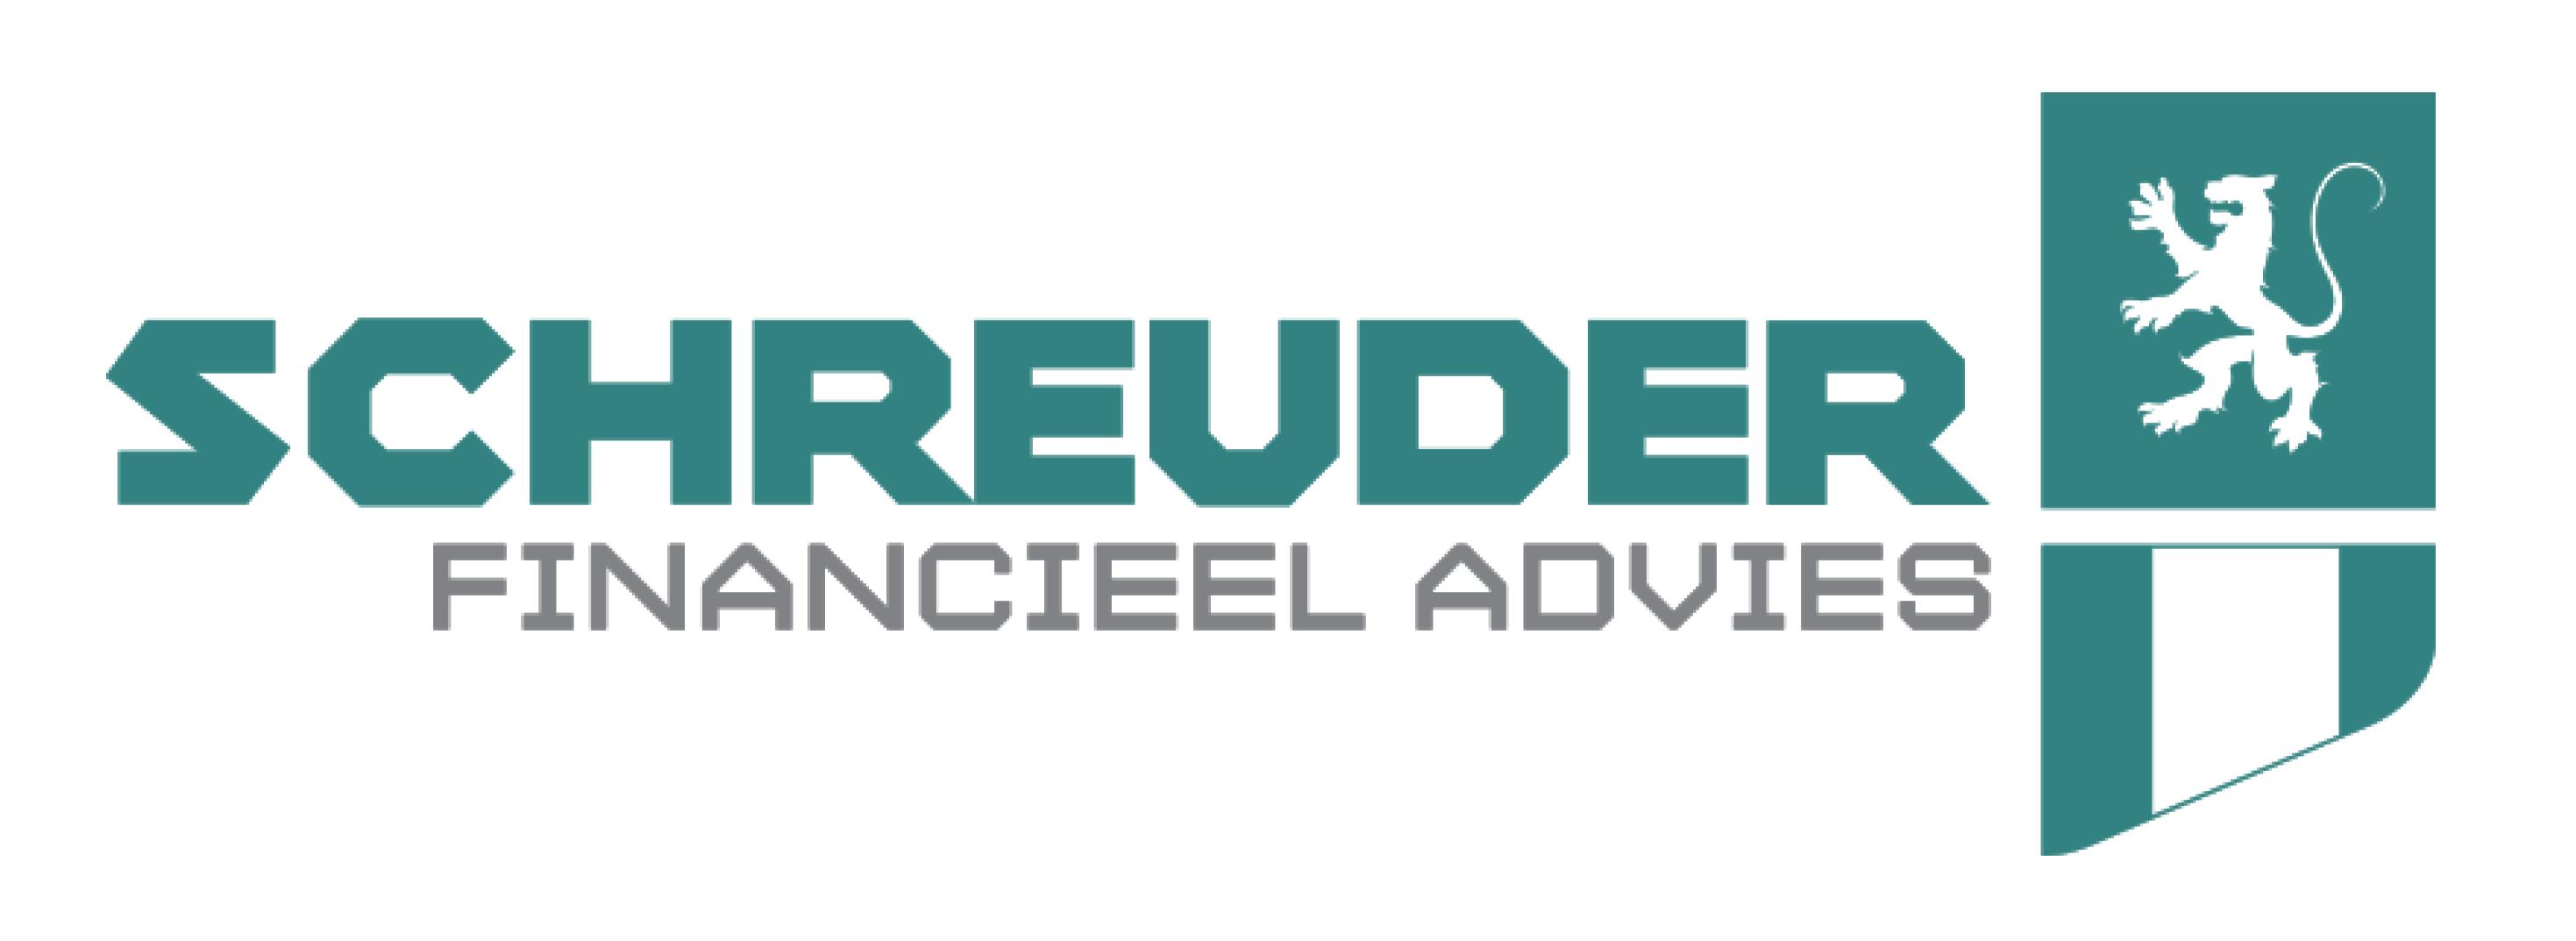 Schreuder Financieel Advies